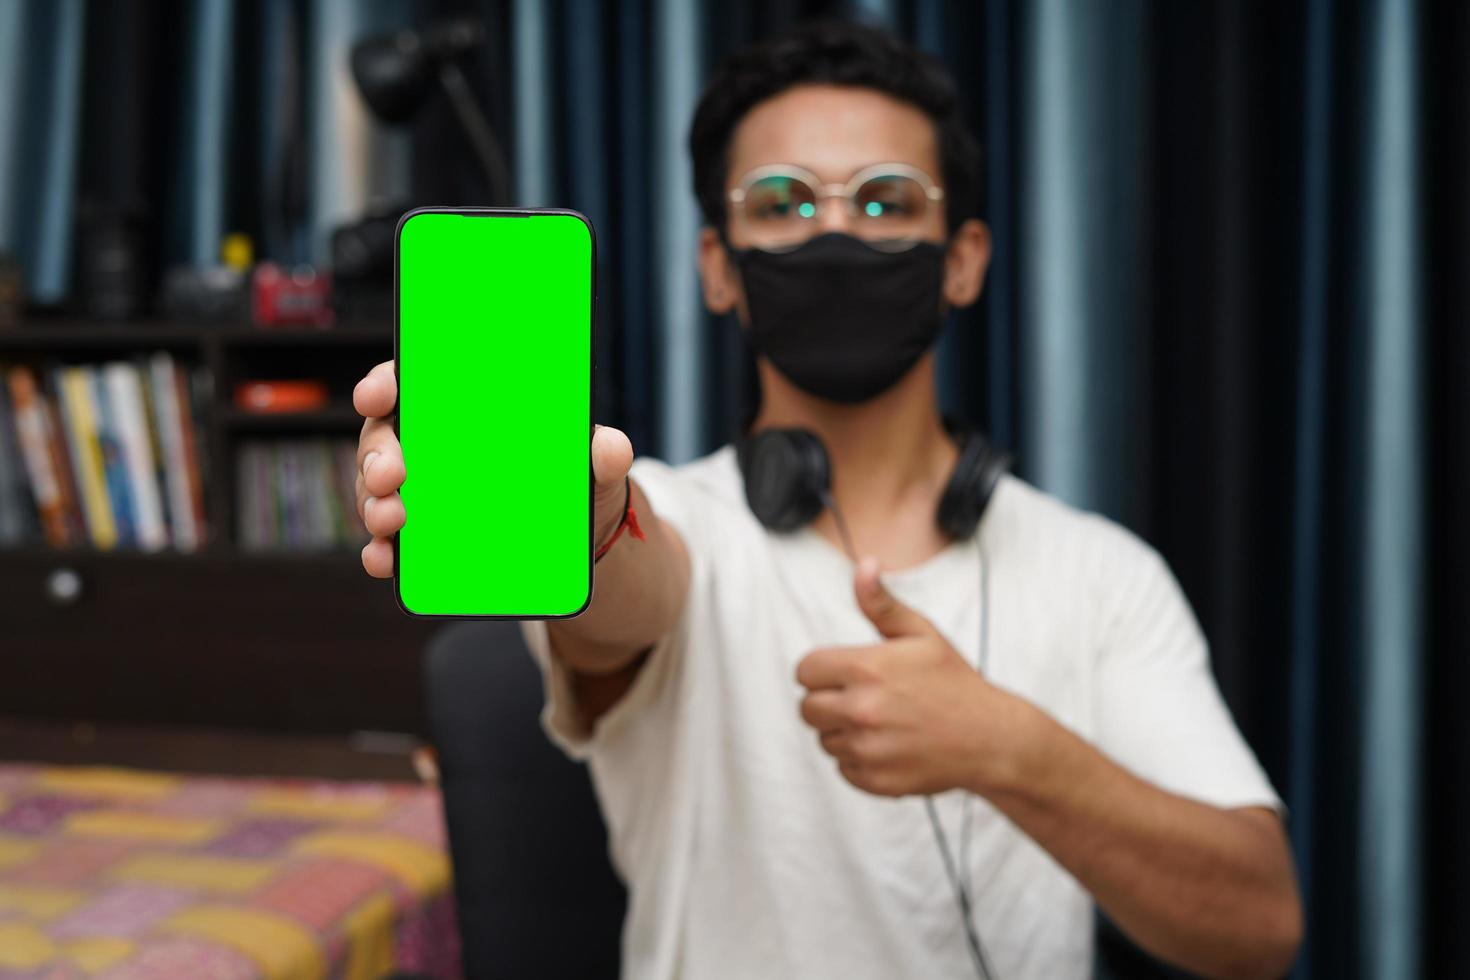 jonge Indiase jongen met een telefoon met groen scherm foto